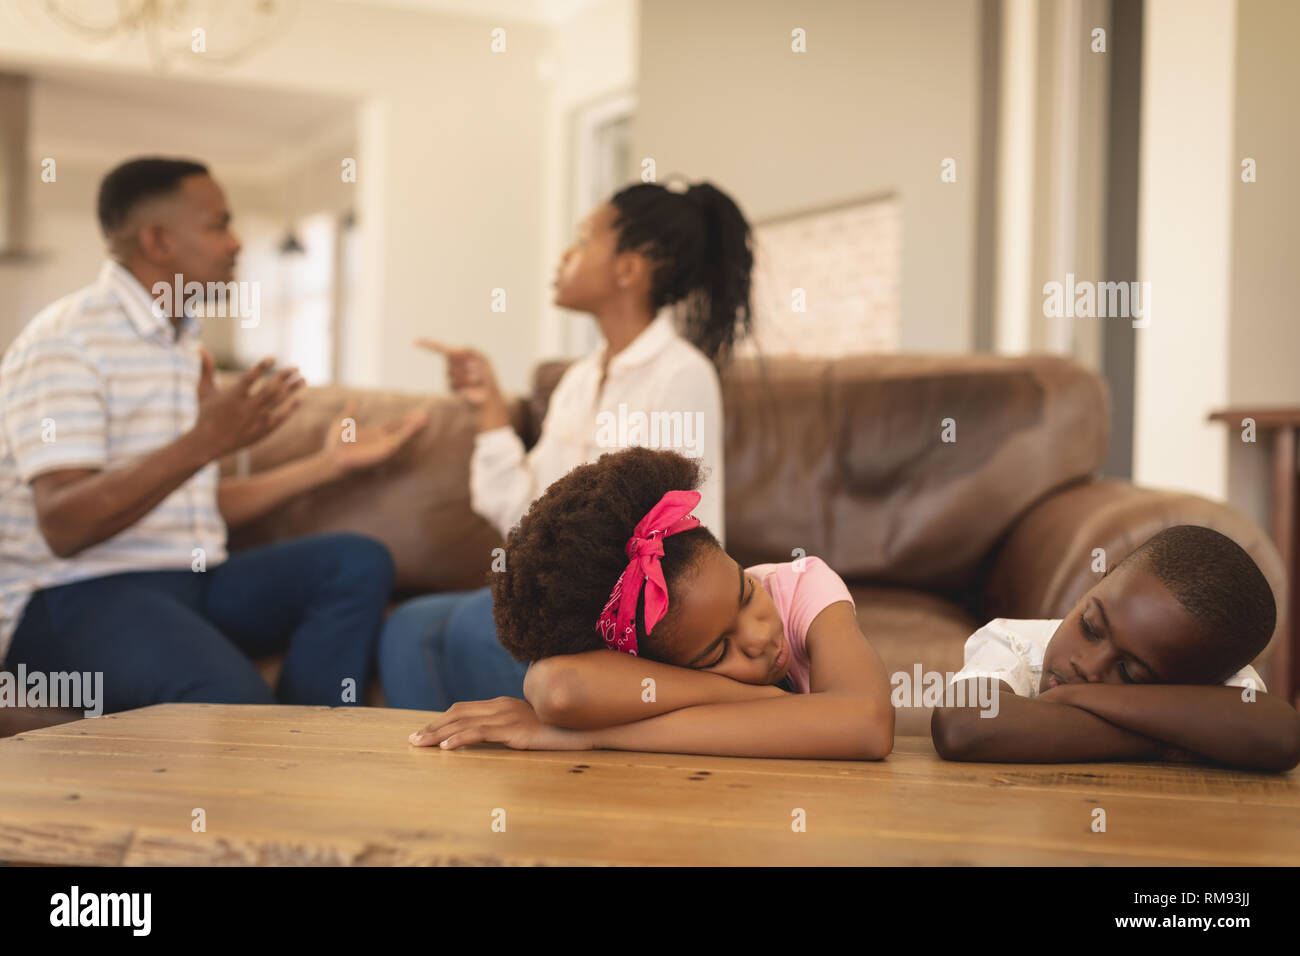 Afrikanische amerikanische Kinder lehnte sich auf den Tisch, während die Eltern streiten auf dem Sofa Stockfoto